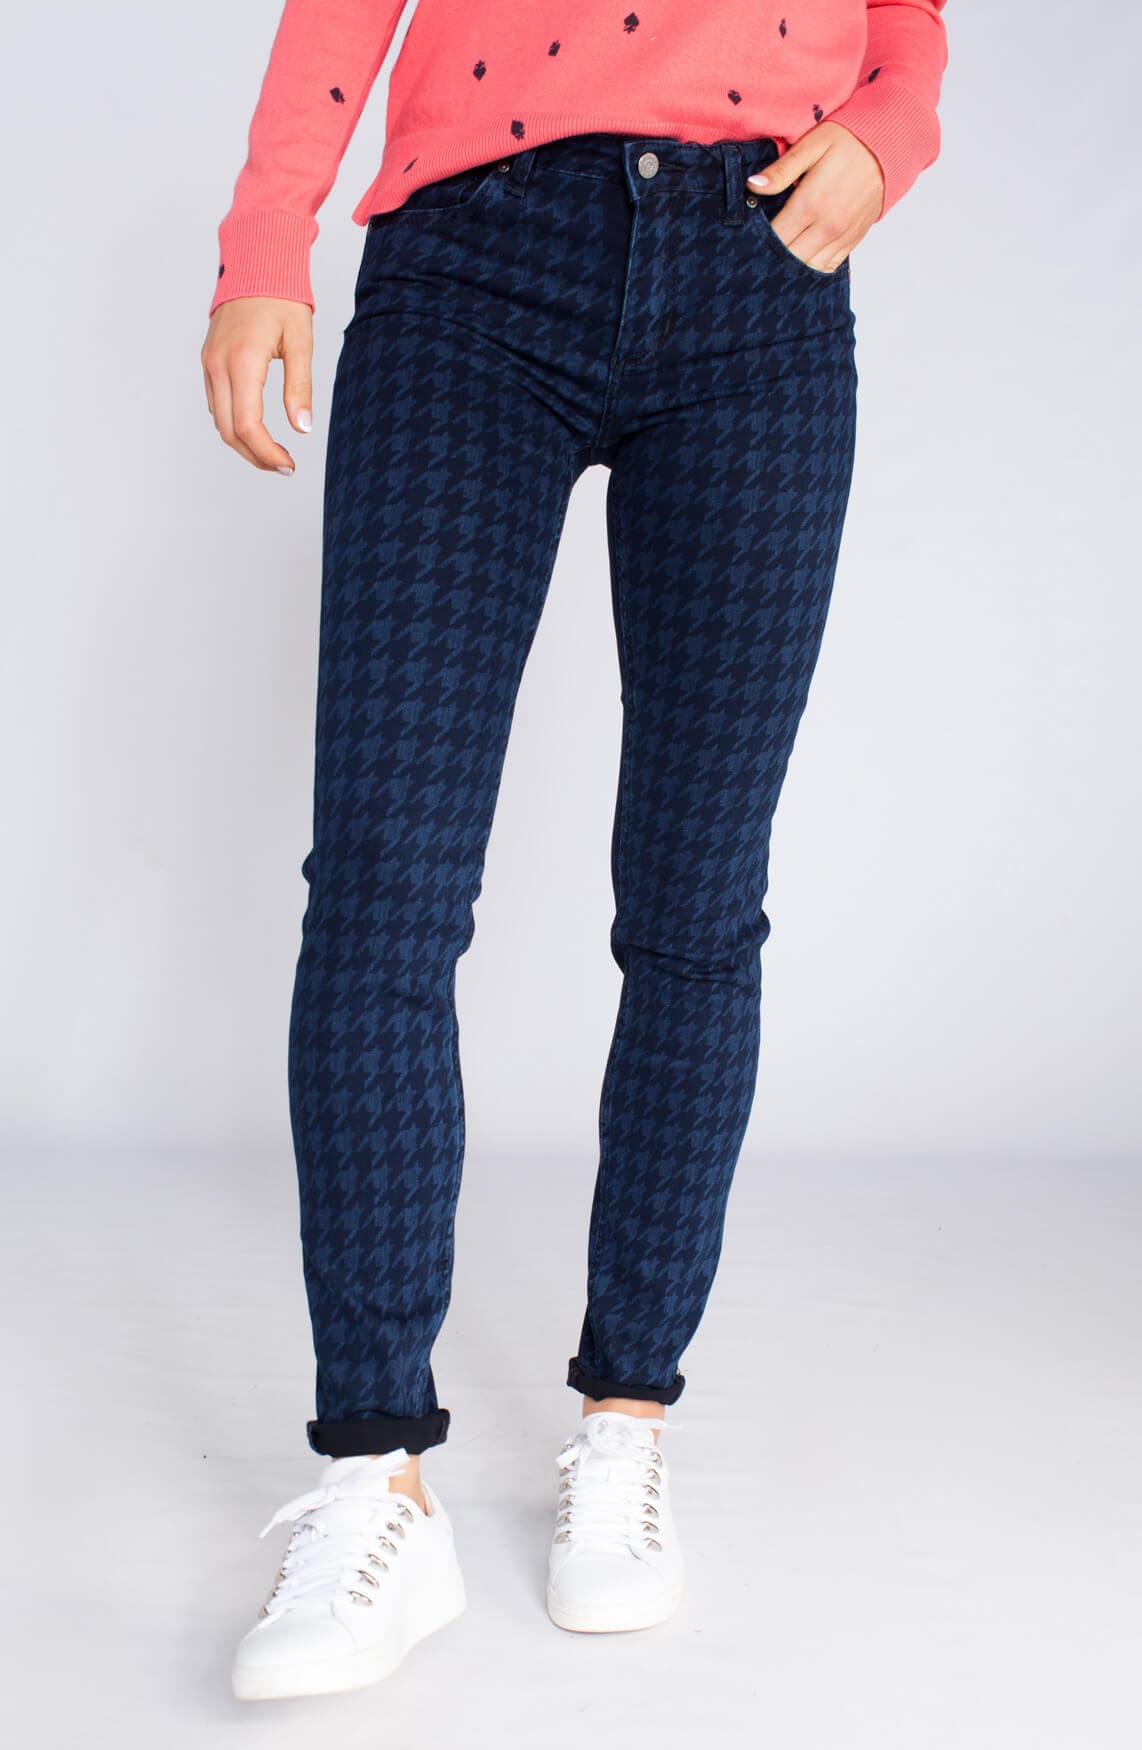 Rosner Dames Antonia pied-de-poule jeans Blauw